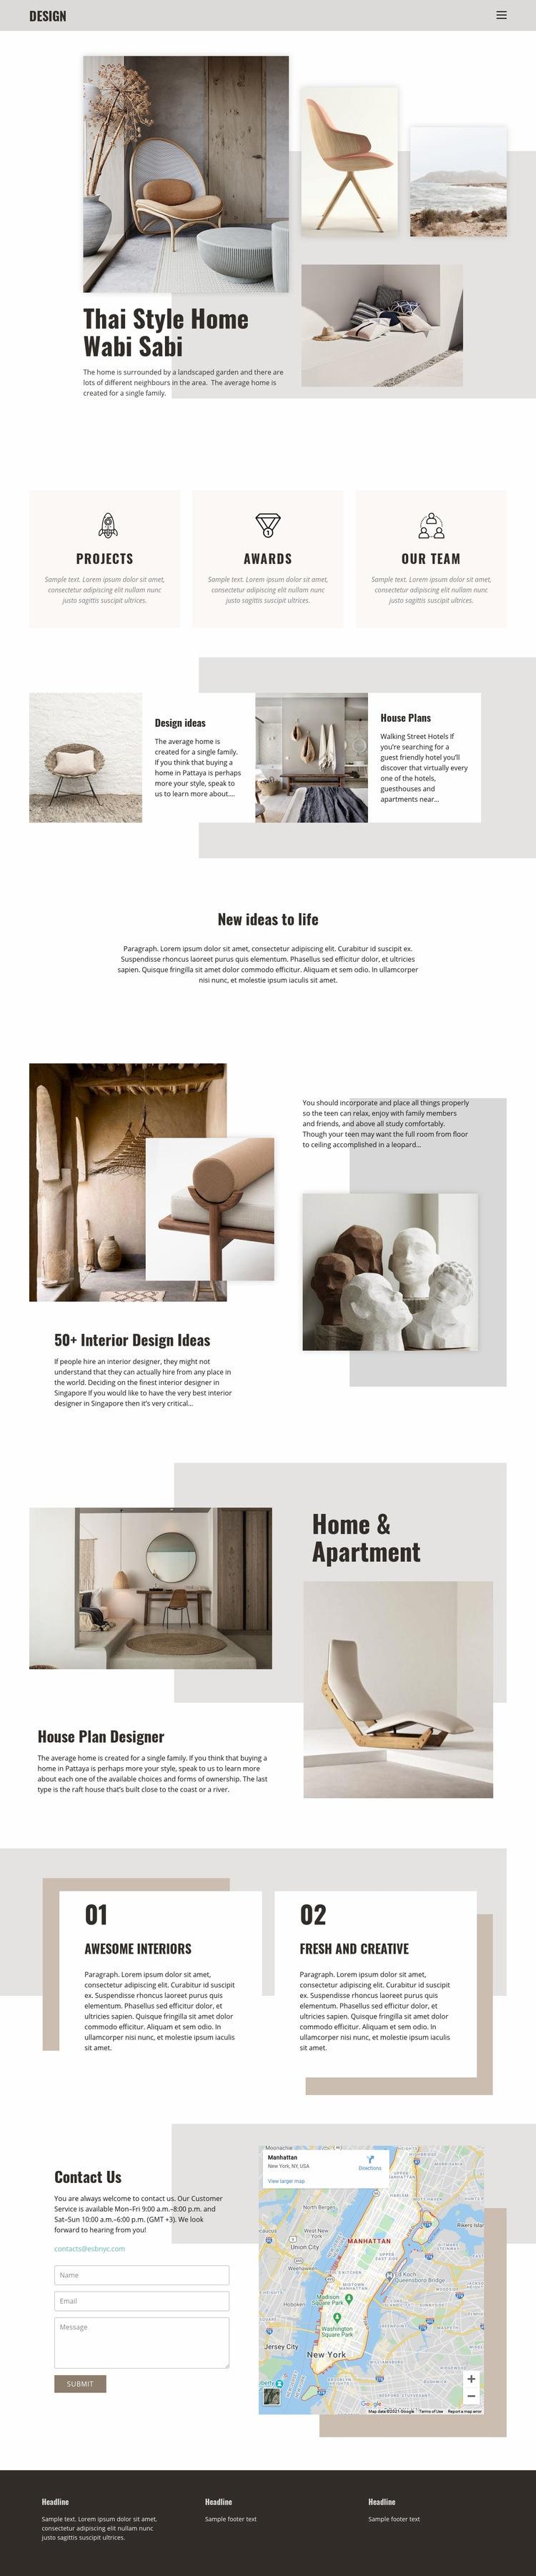 Thai home styling interior Wysiwyg Editor Html